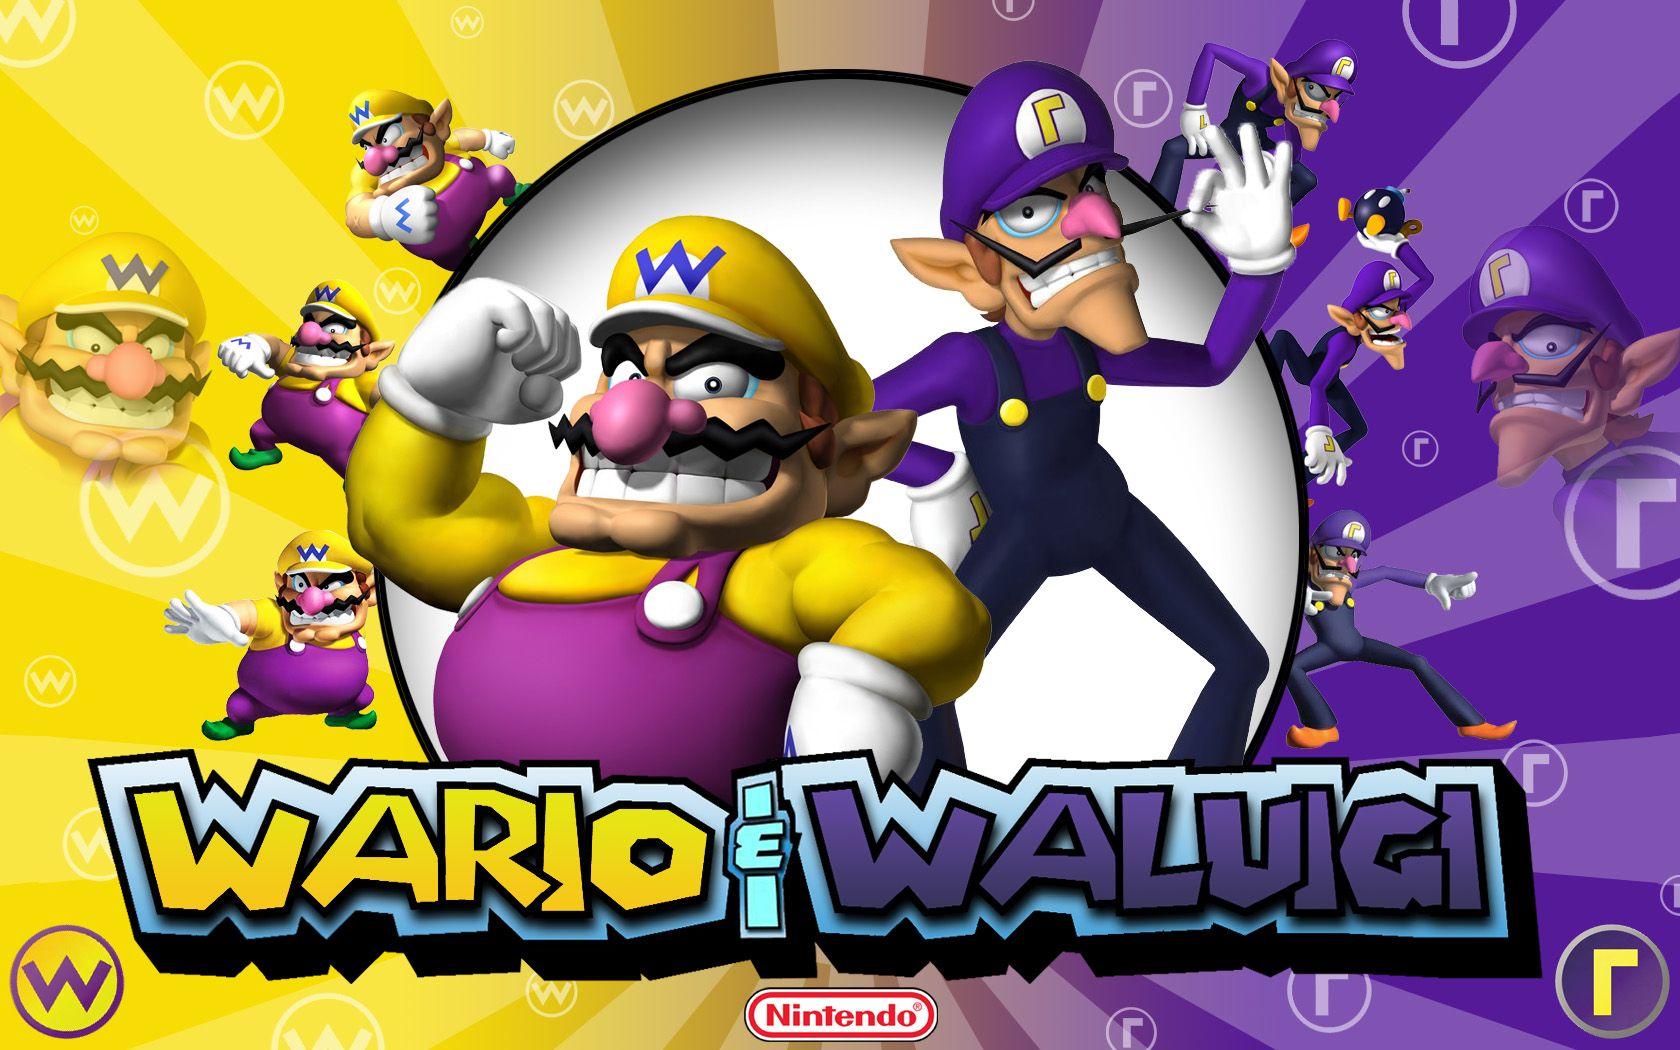 Wario Waluigi Super Mario Super Mario Bros Mario